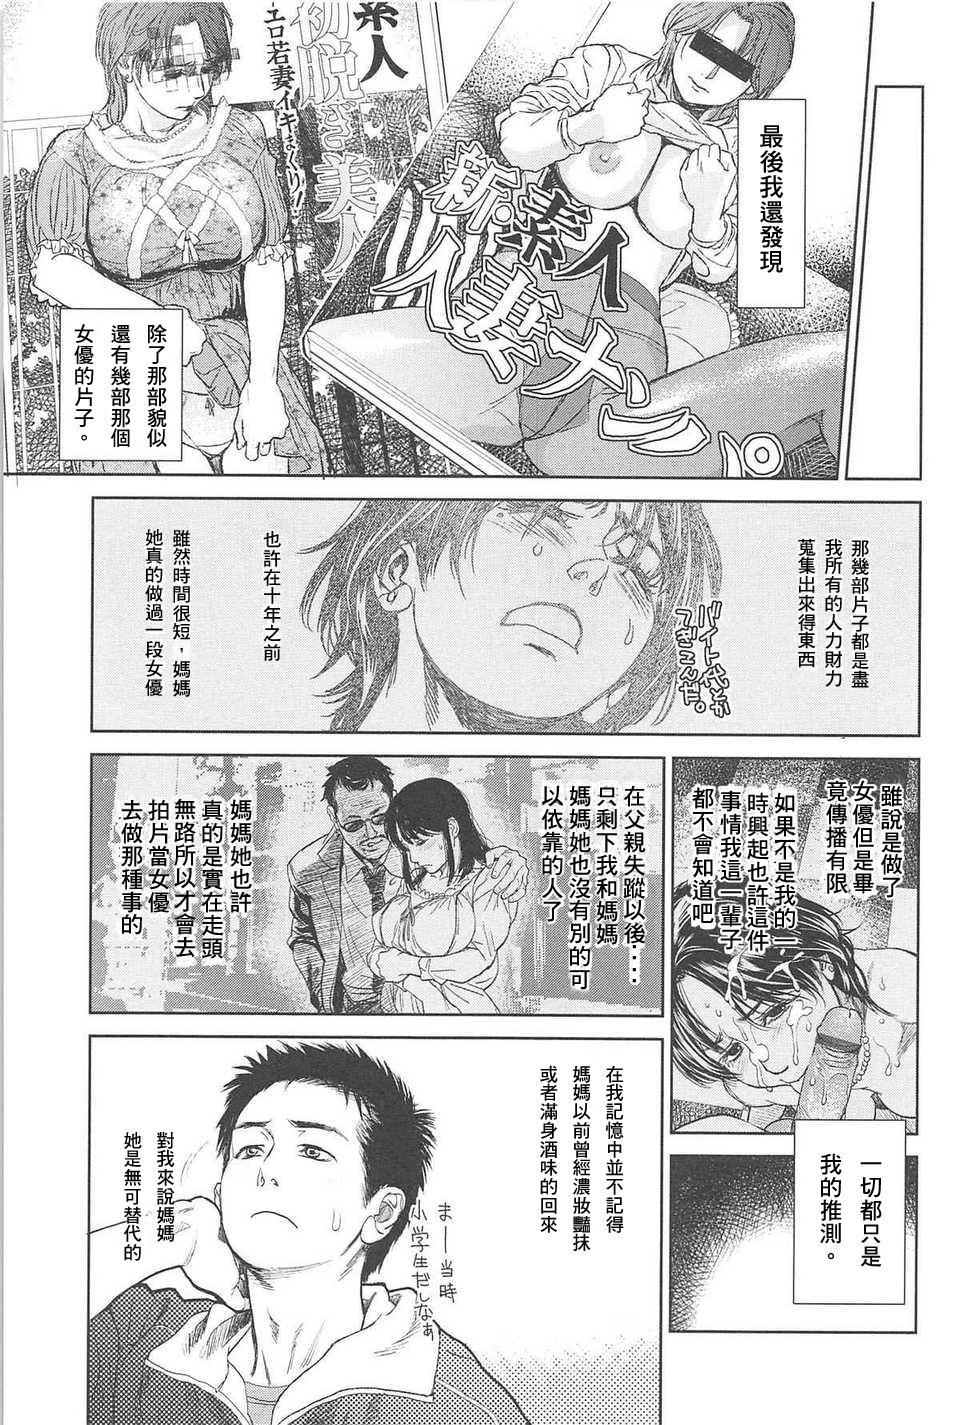 Boku no Shiranai Haha 12